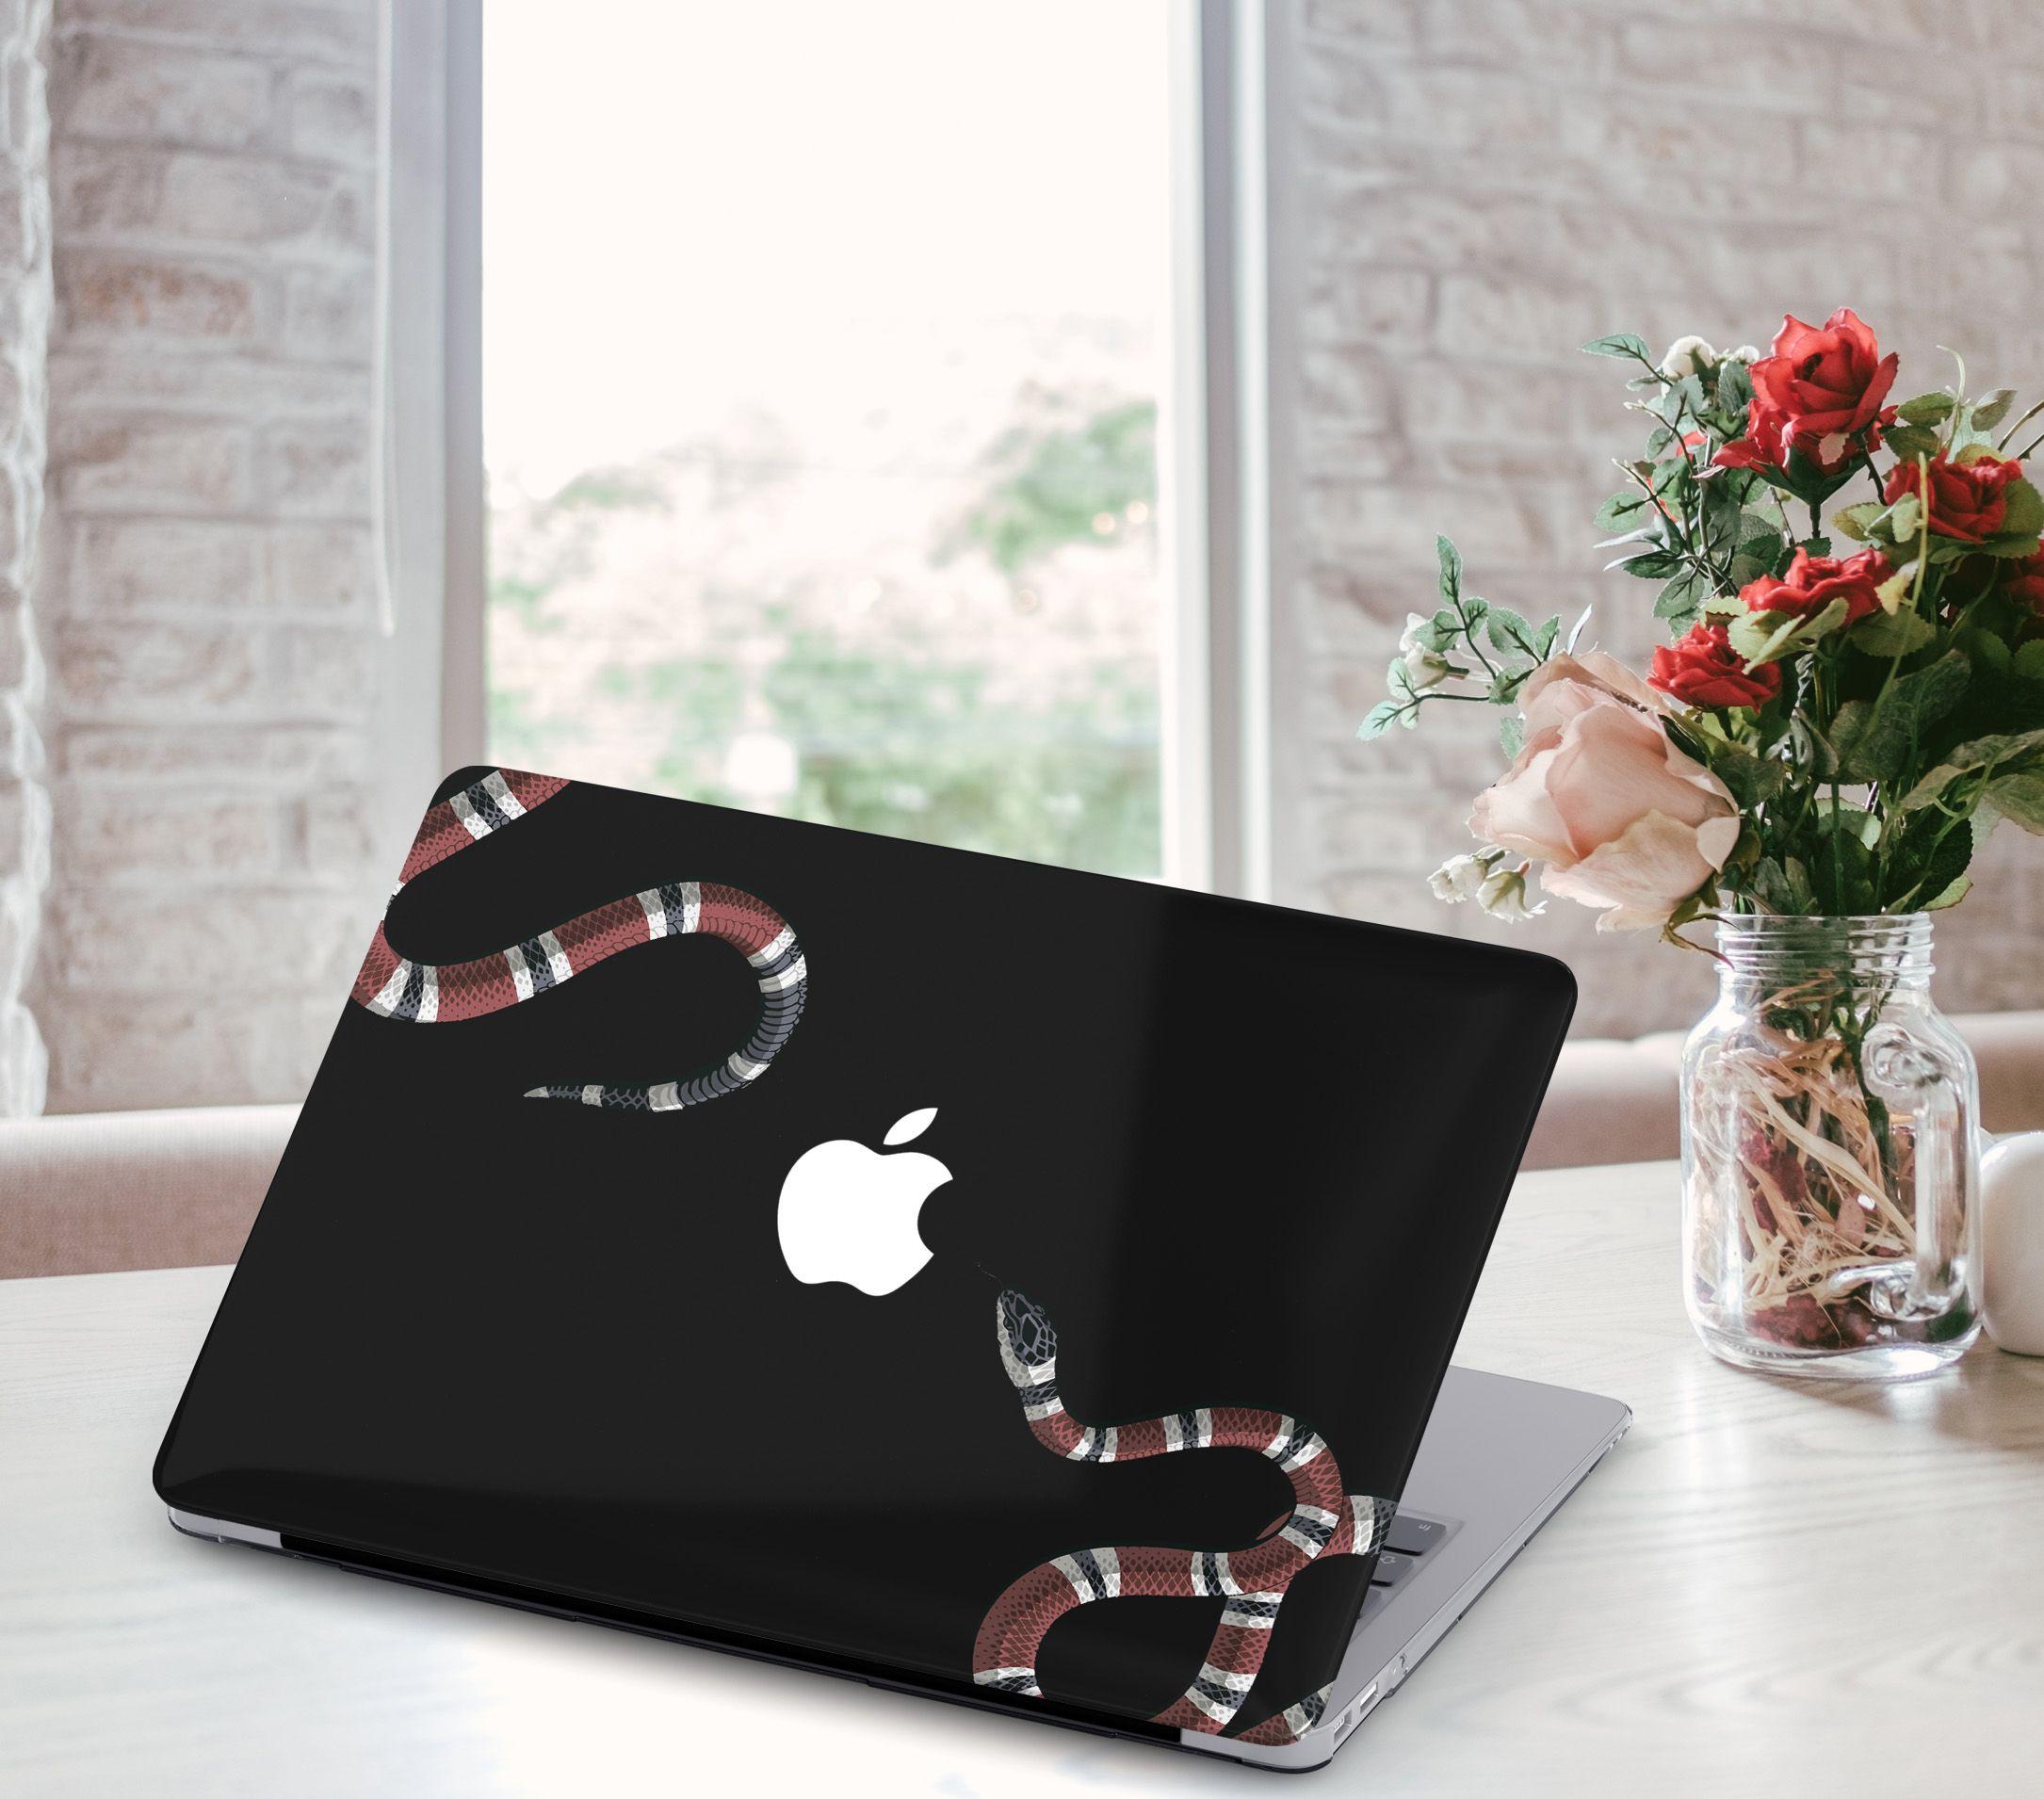 Macbook Skin Black A1708 Macbook Pro Cover Leather Mac